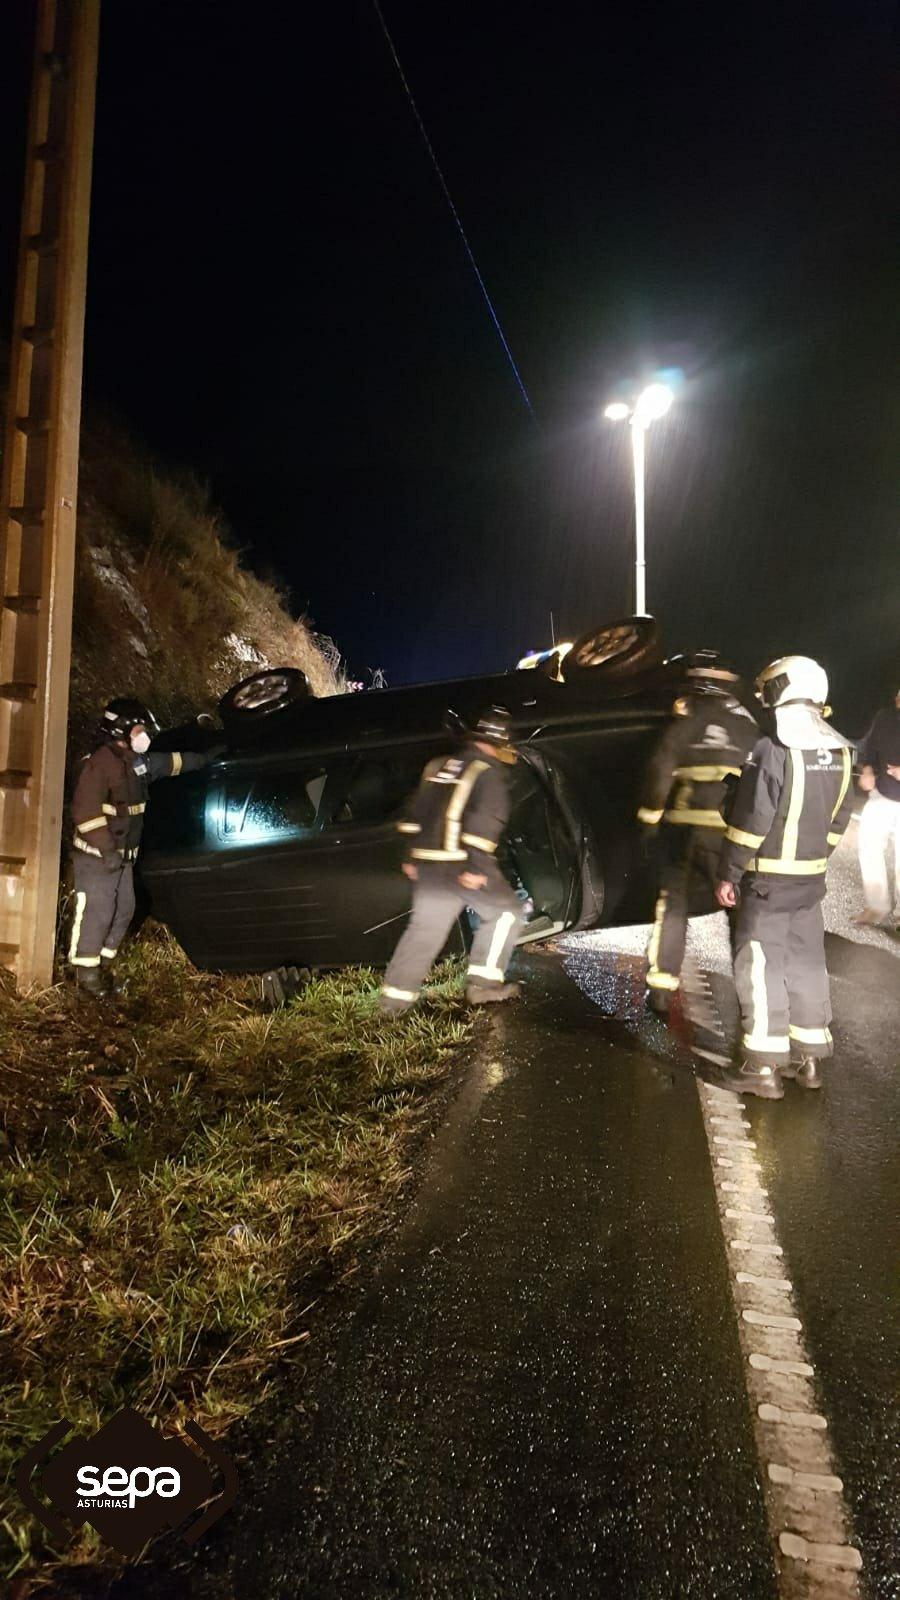 Un varón resultó herido en un accidente de tráfico en Tineo